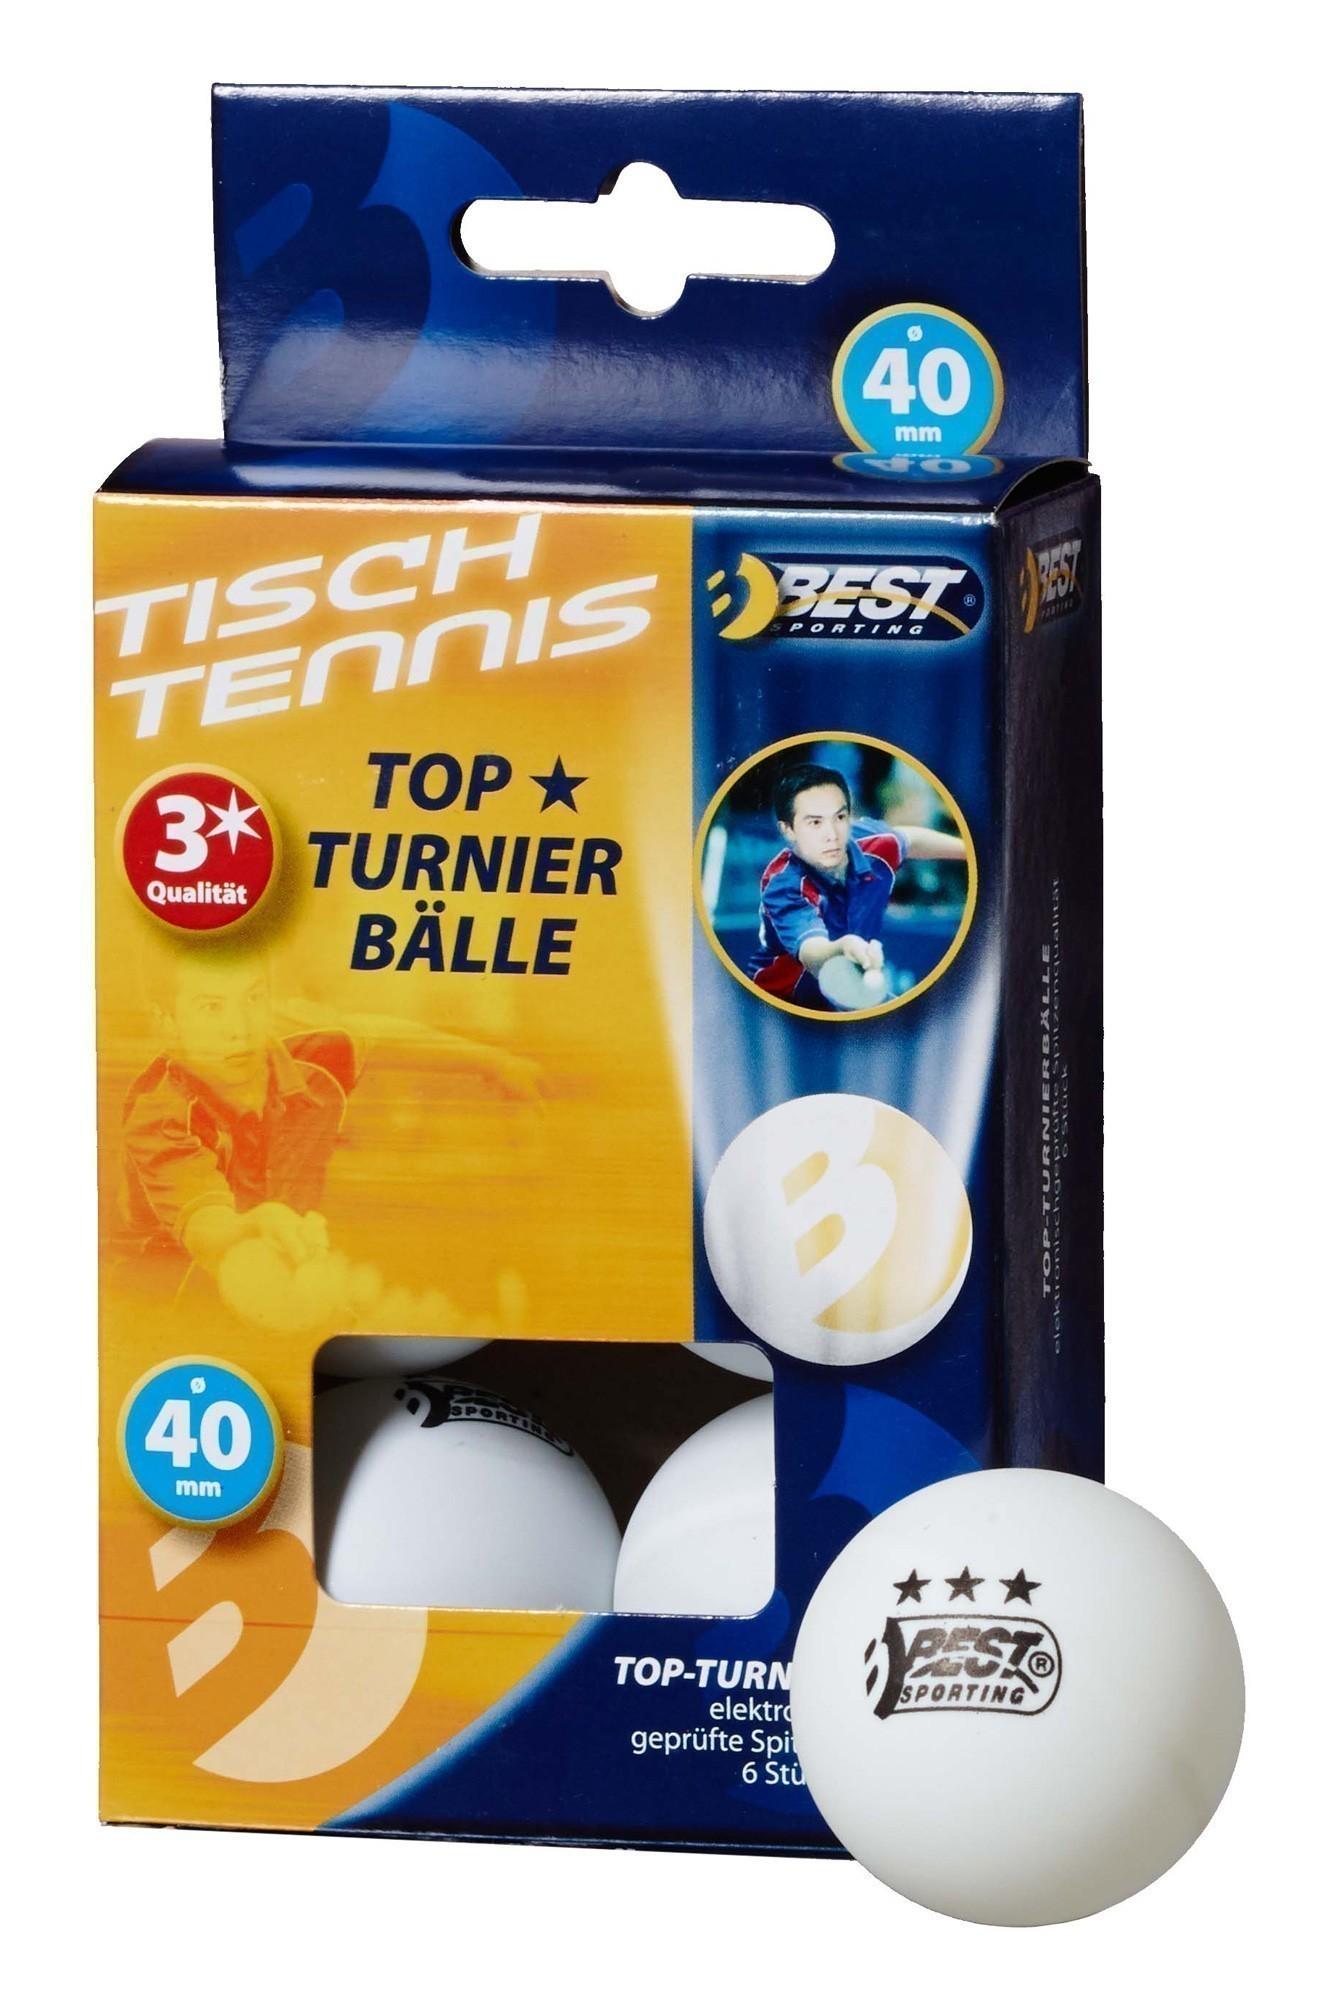 Tischtennisball / Turnierball weiß 3-Sterne 6Stück Bild 1